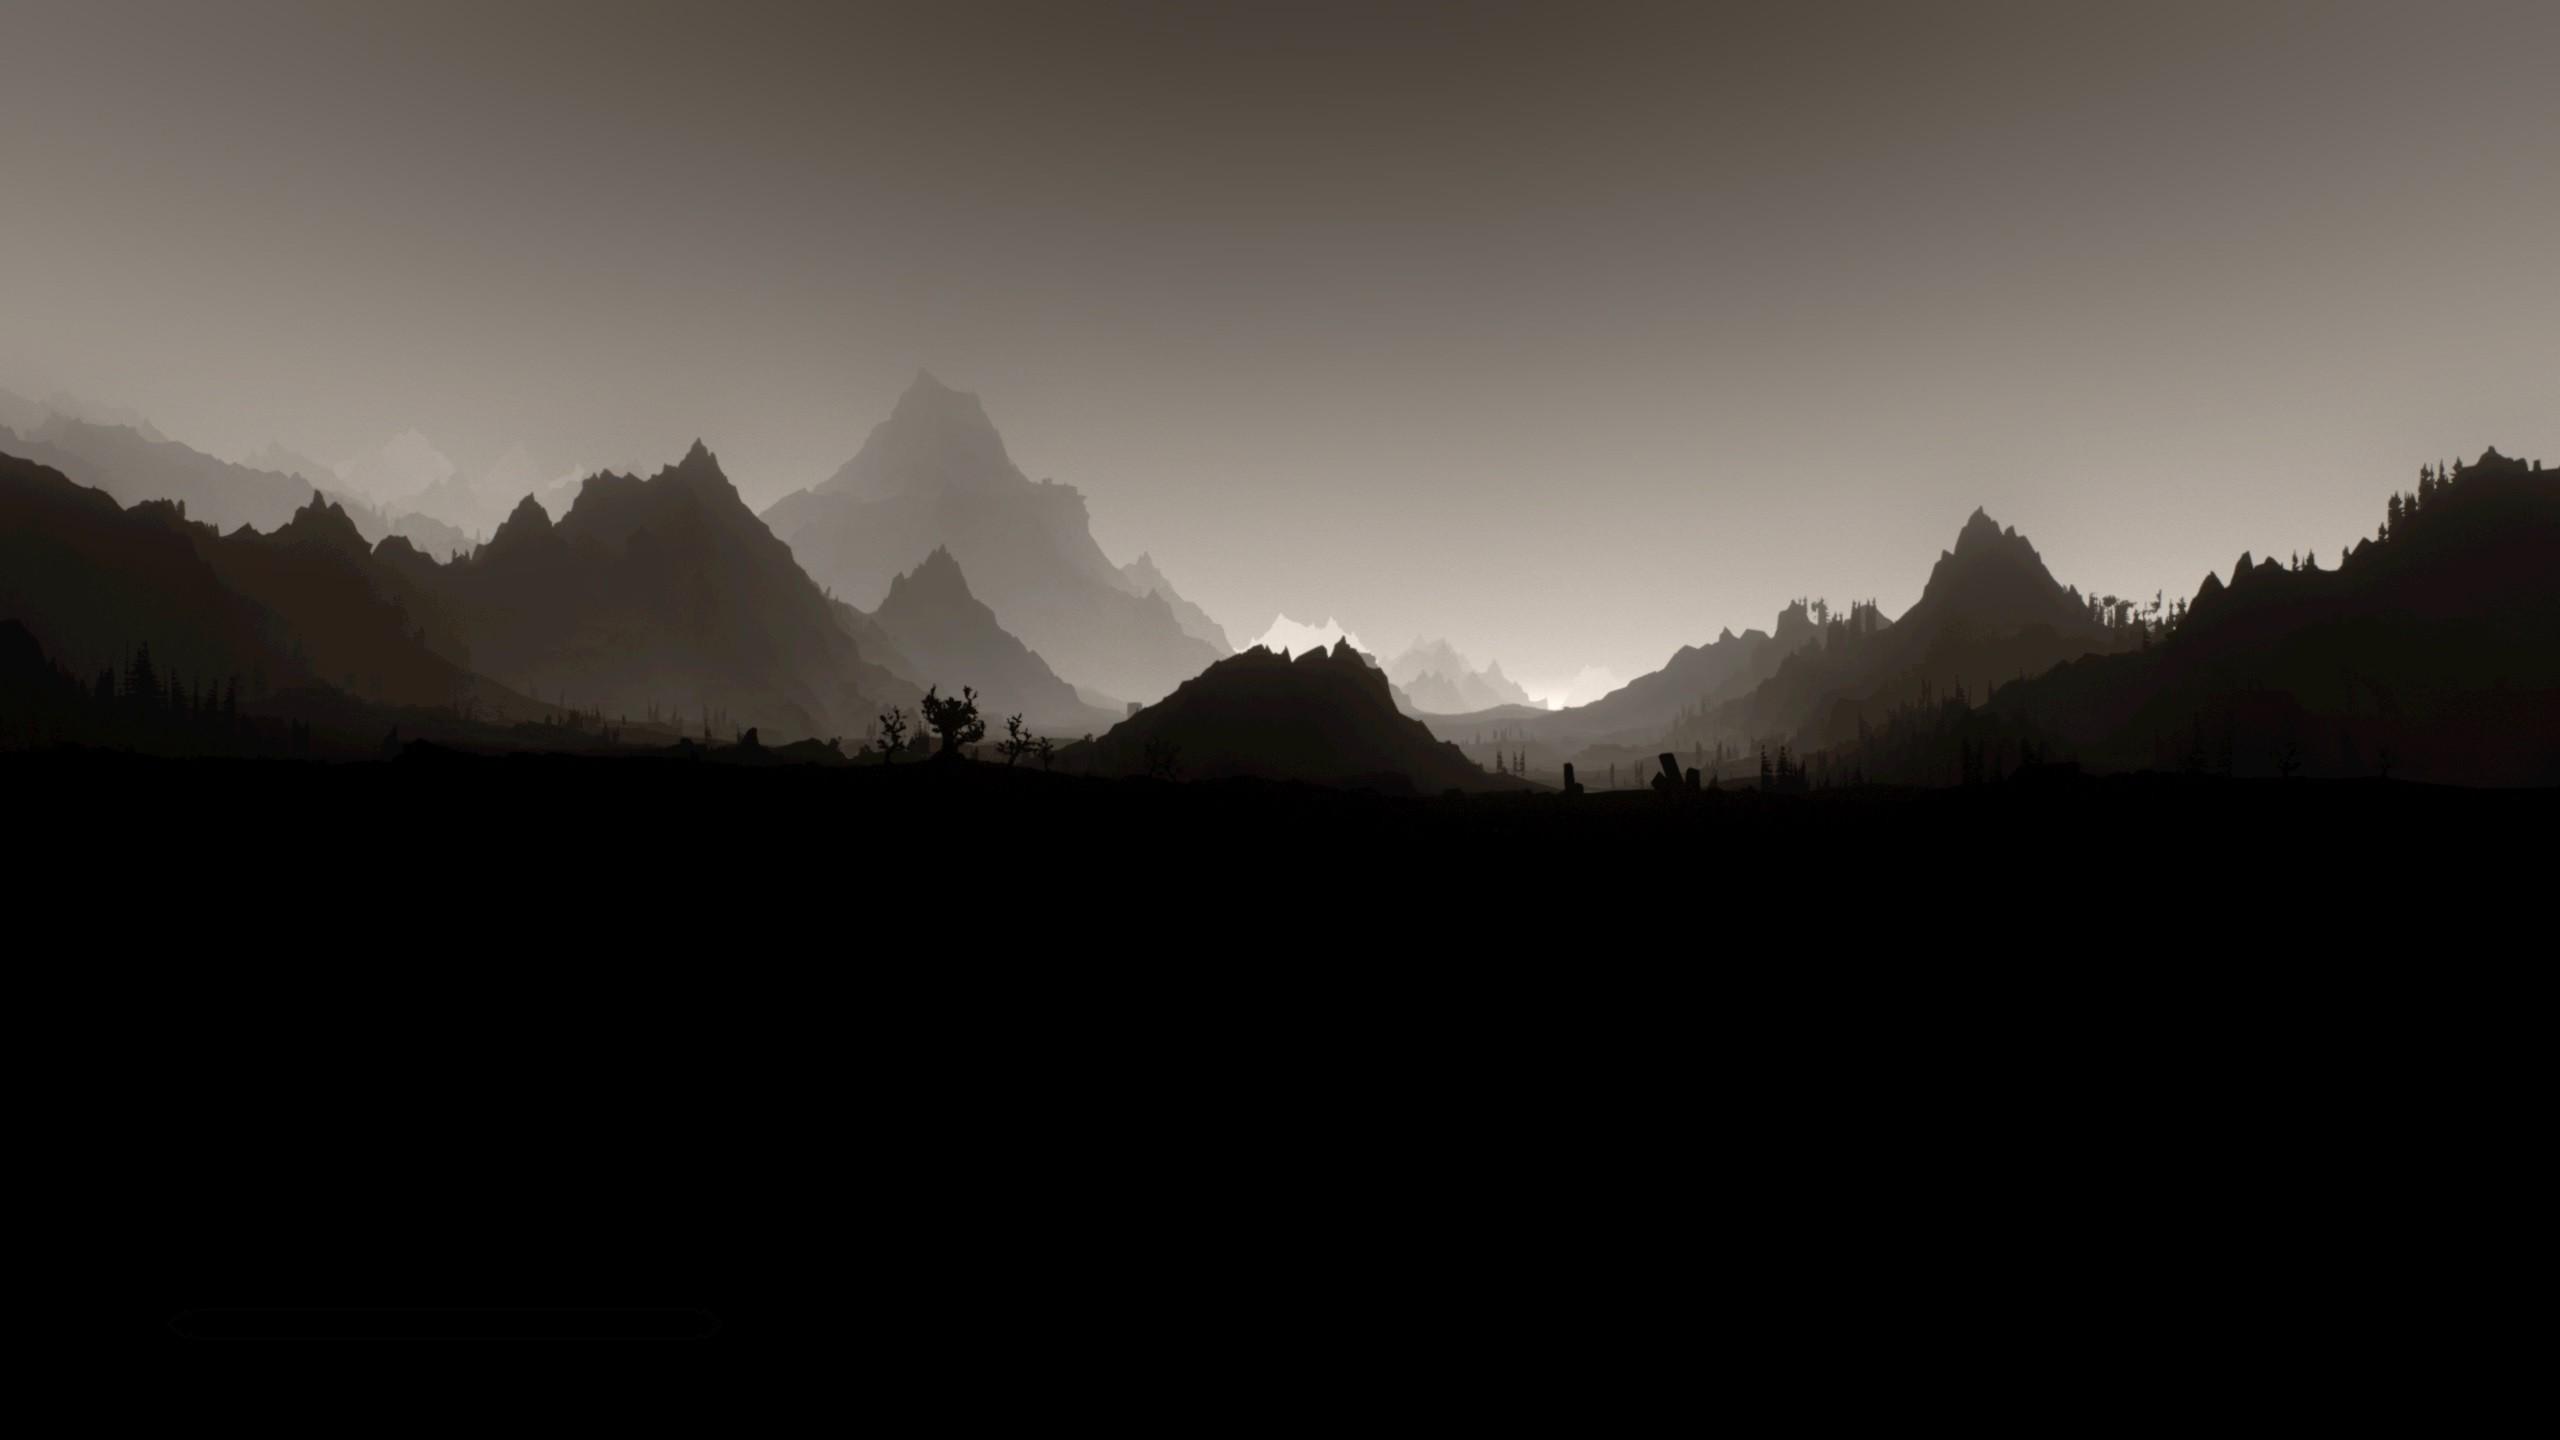 The Elder Scrolls V: Skyrim, Landscape, Monochrome, Minimalism Wallpapers  HD / Desktop and Mobile Backgrounds